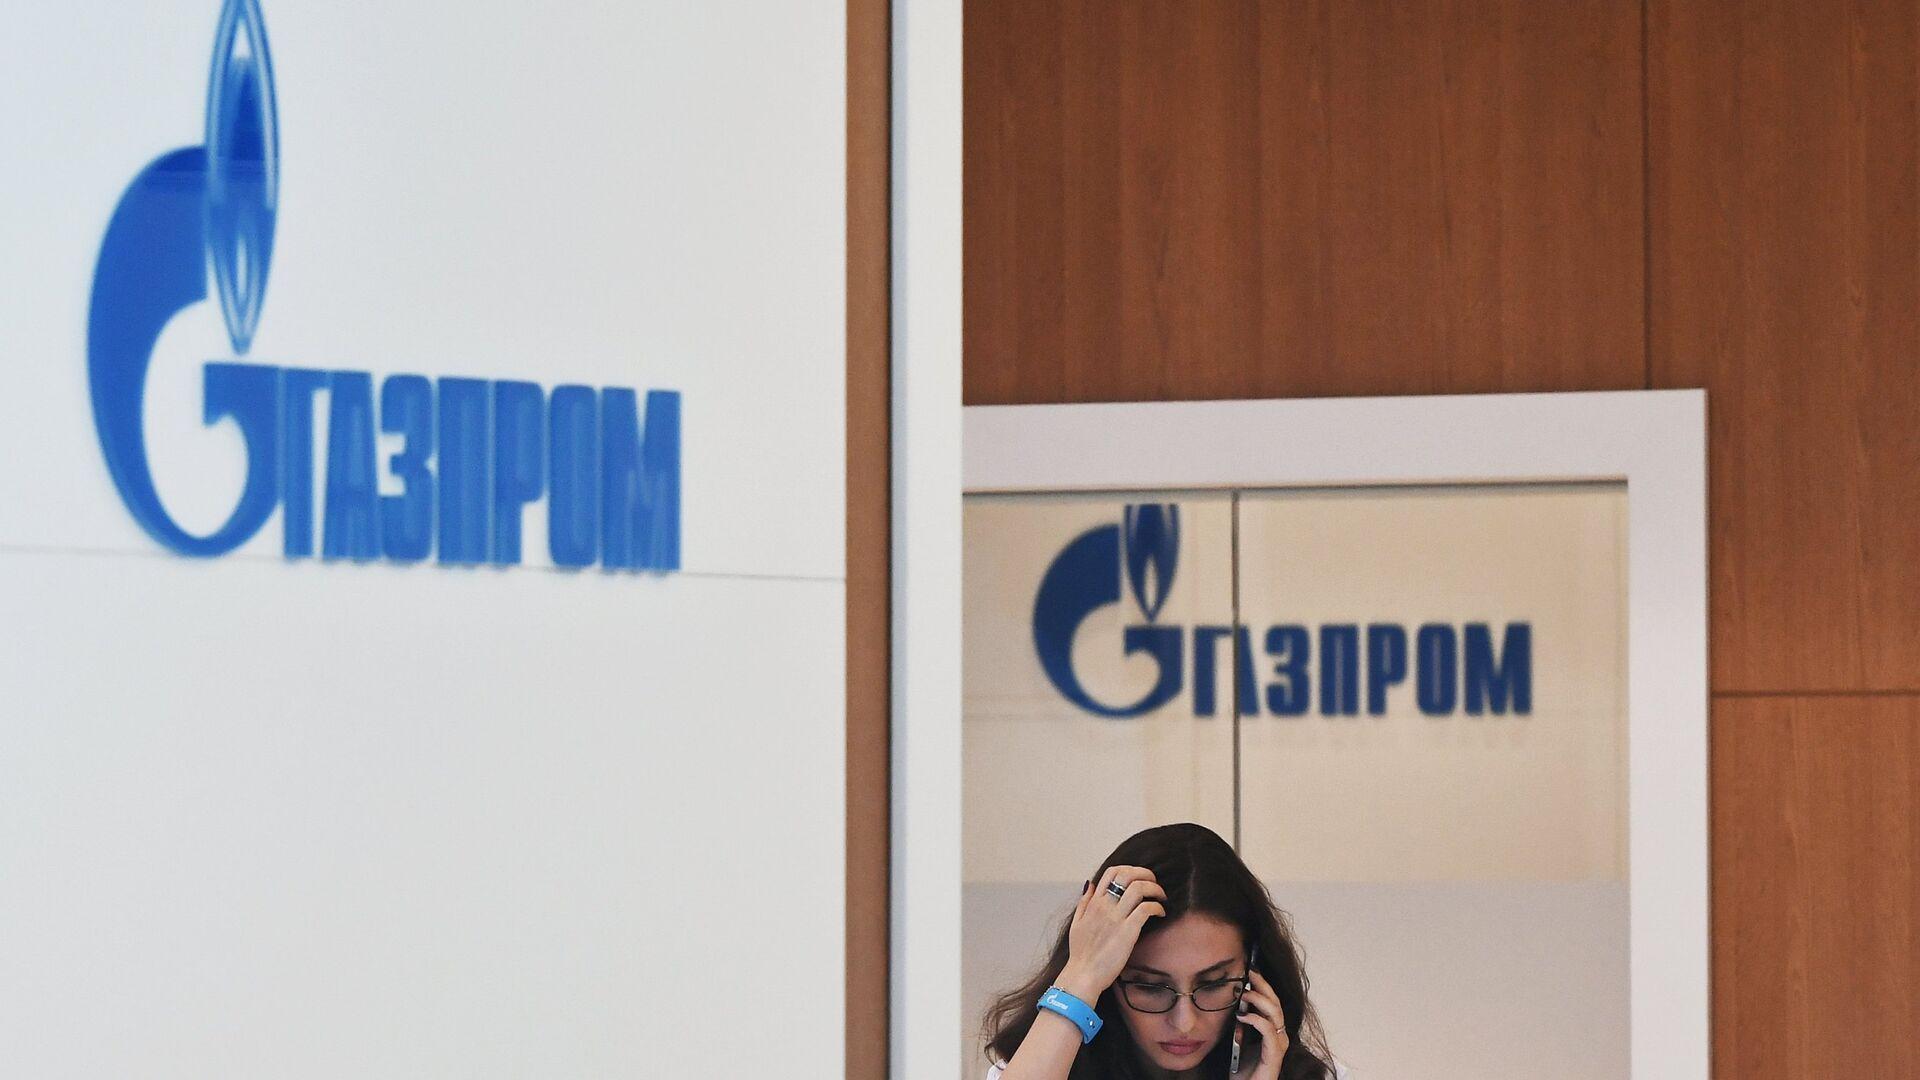 Павиљон компаније Гаспром на Источном економском форуму у Владивостоку - Sputnik Србија, 1920, 23.09.2021